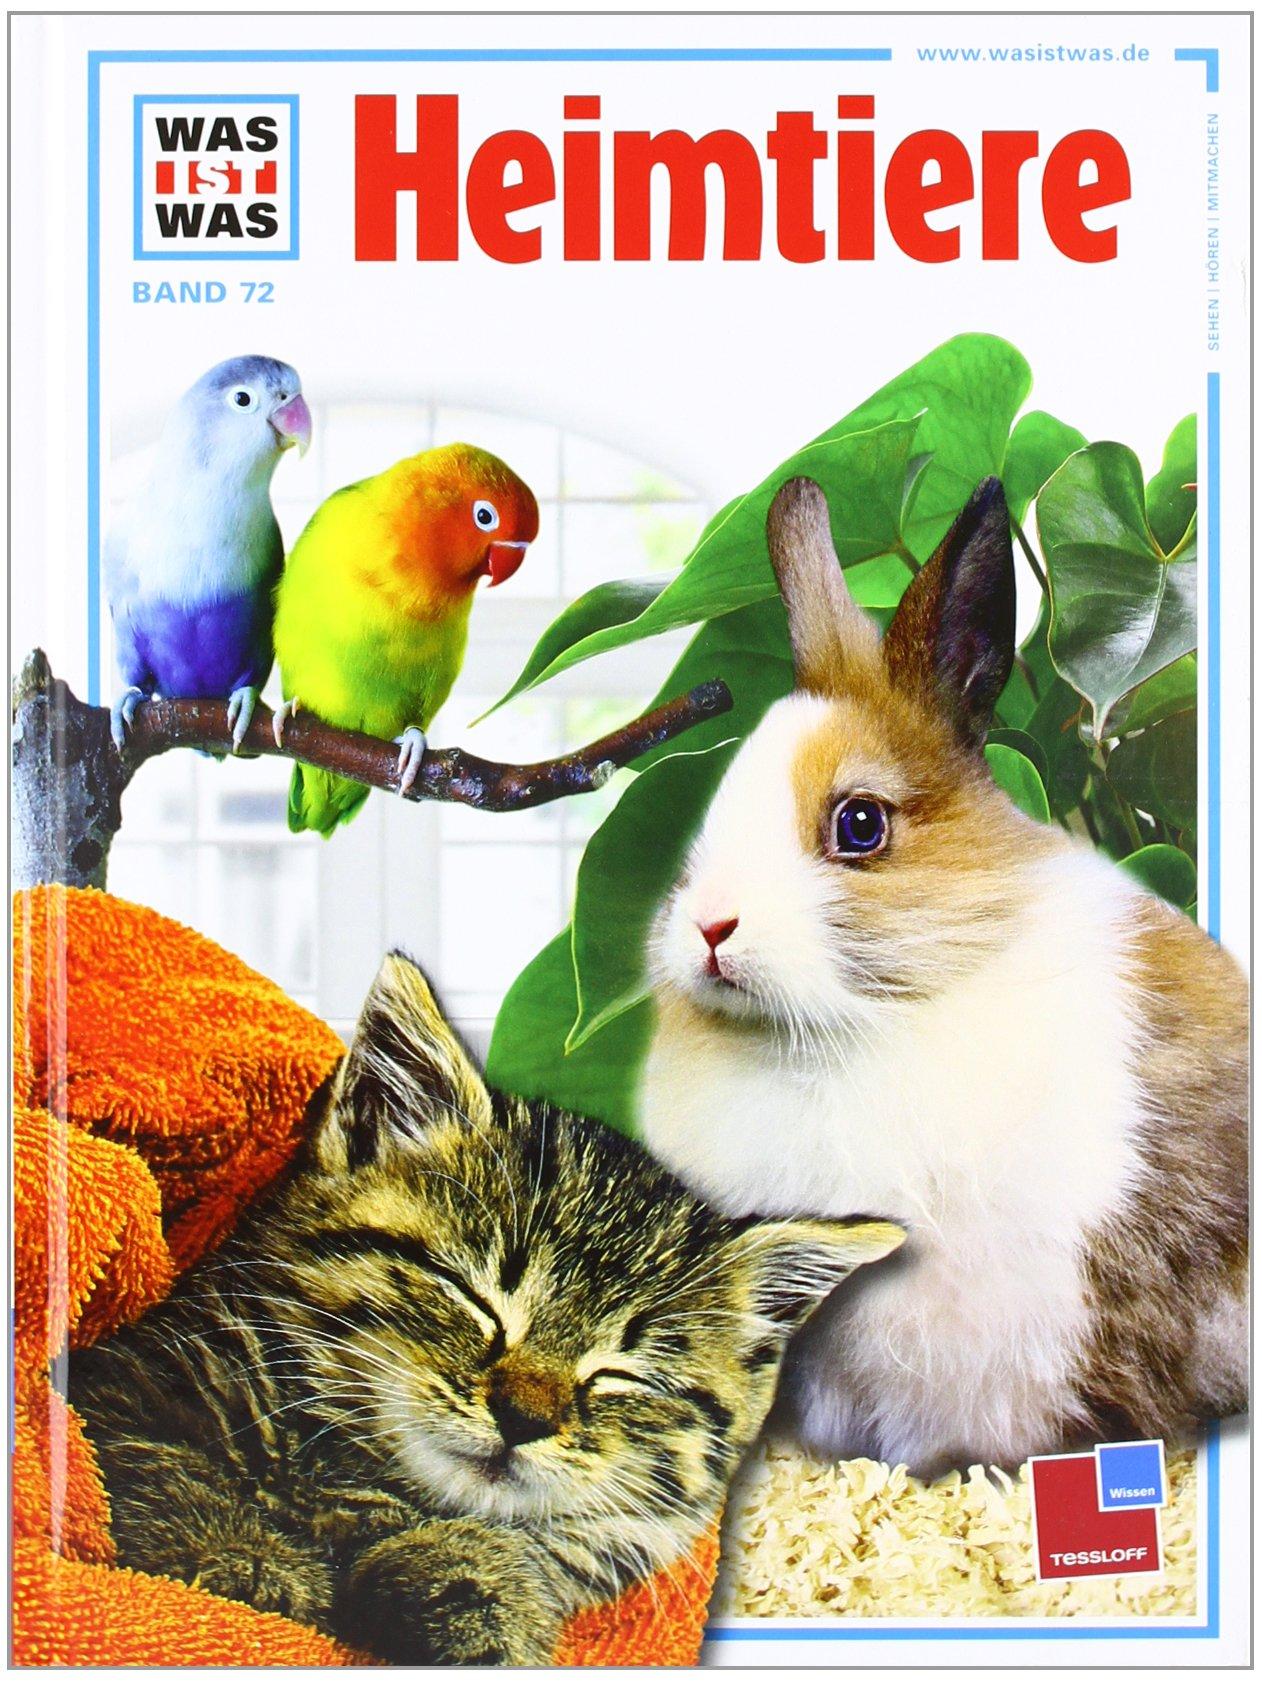 Was ist was, Band 072: Heimtiere